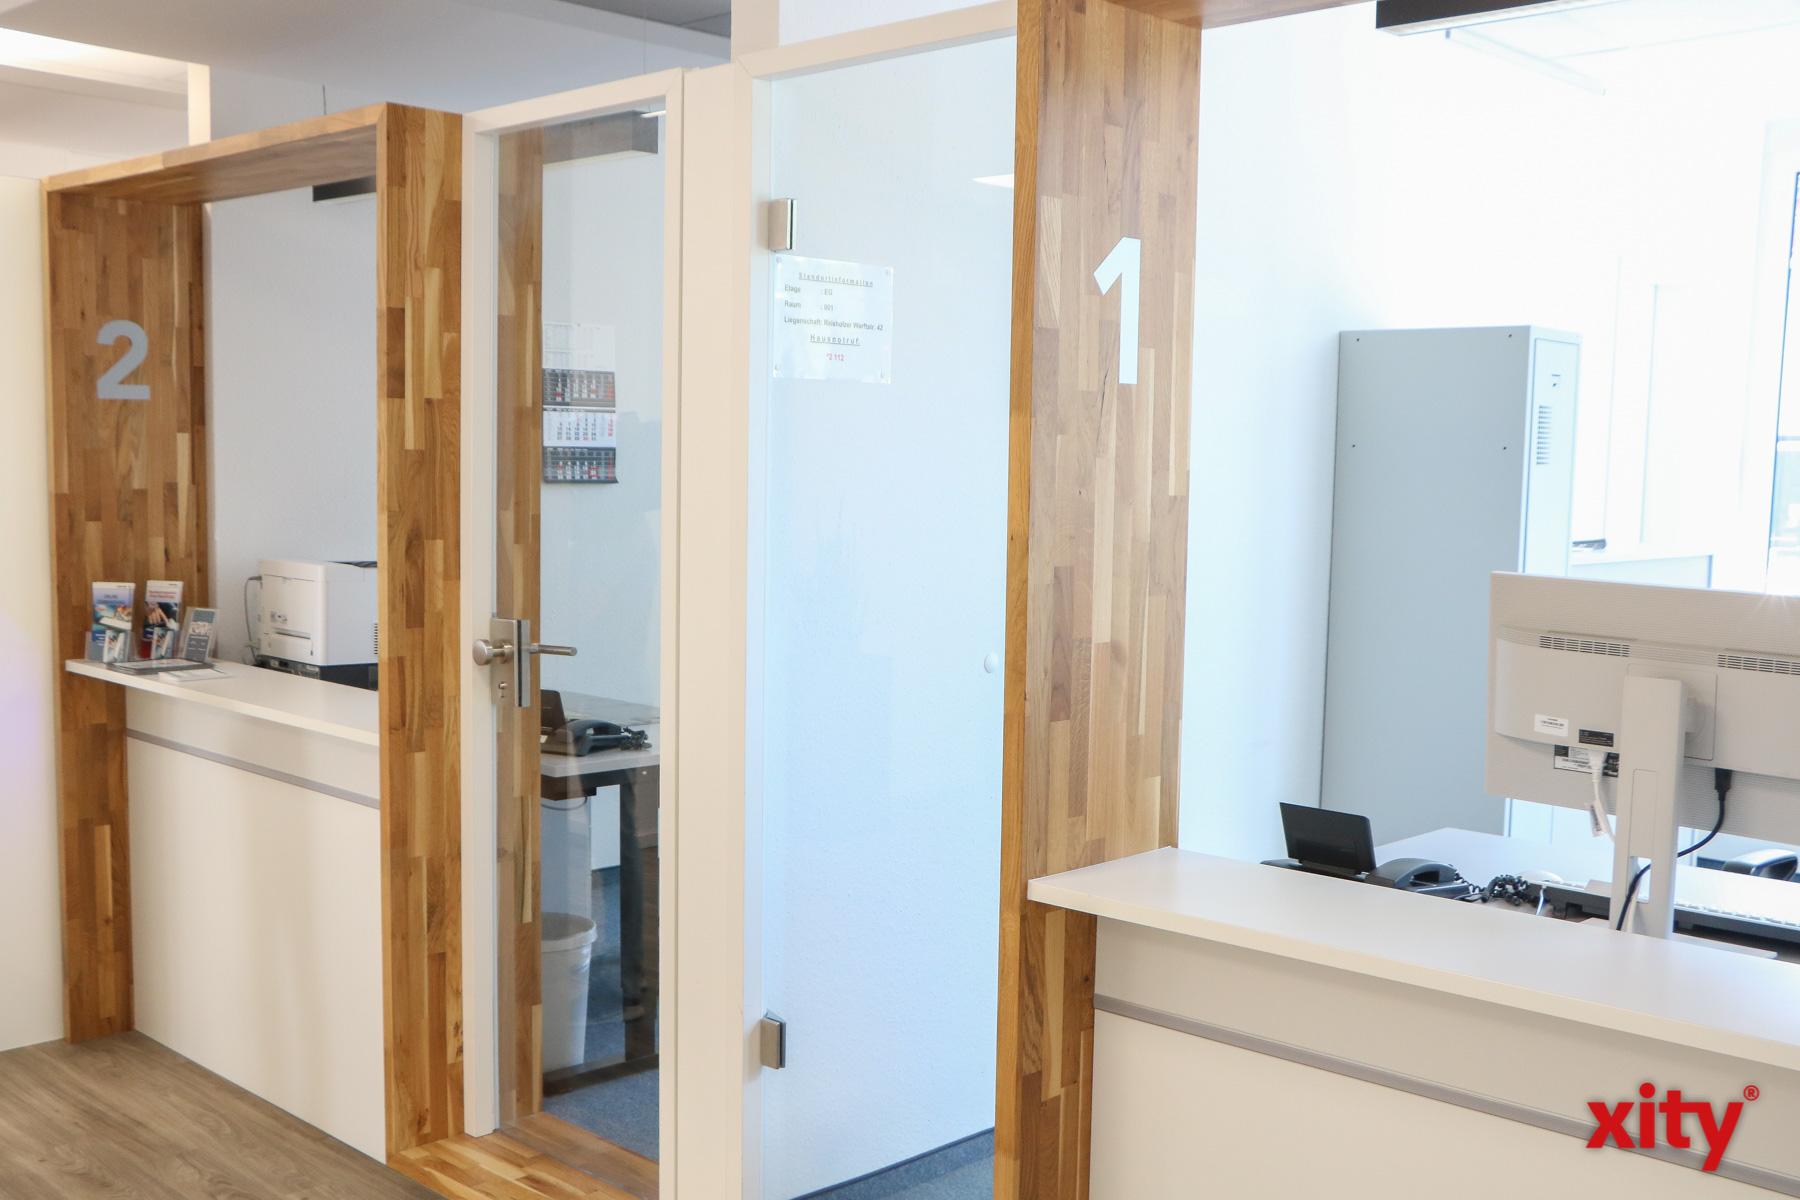 Bei all der Digitalisierung ist auch das Gespräch im Jobcenter sehr wichtig (Foto: xity)